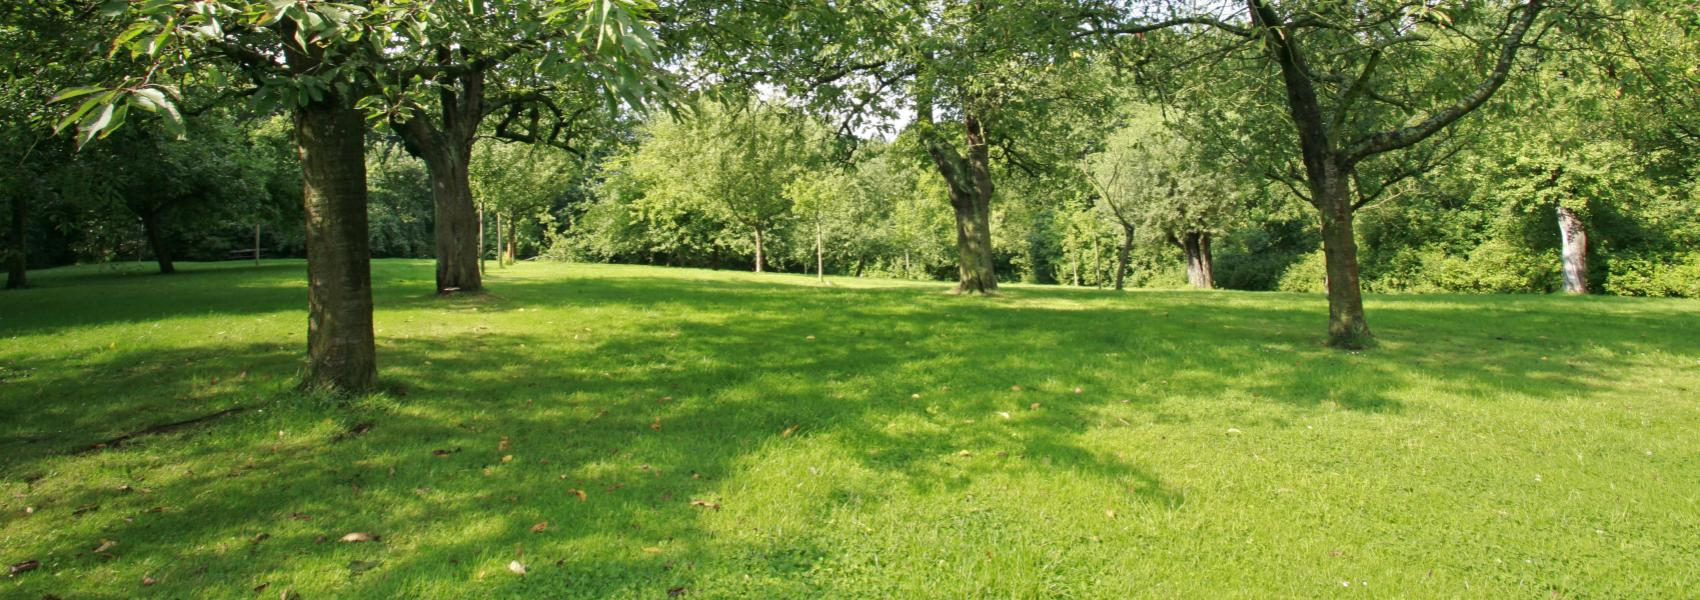 zicht over het park